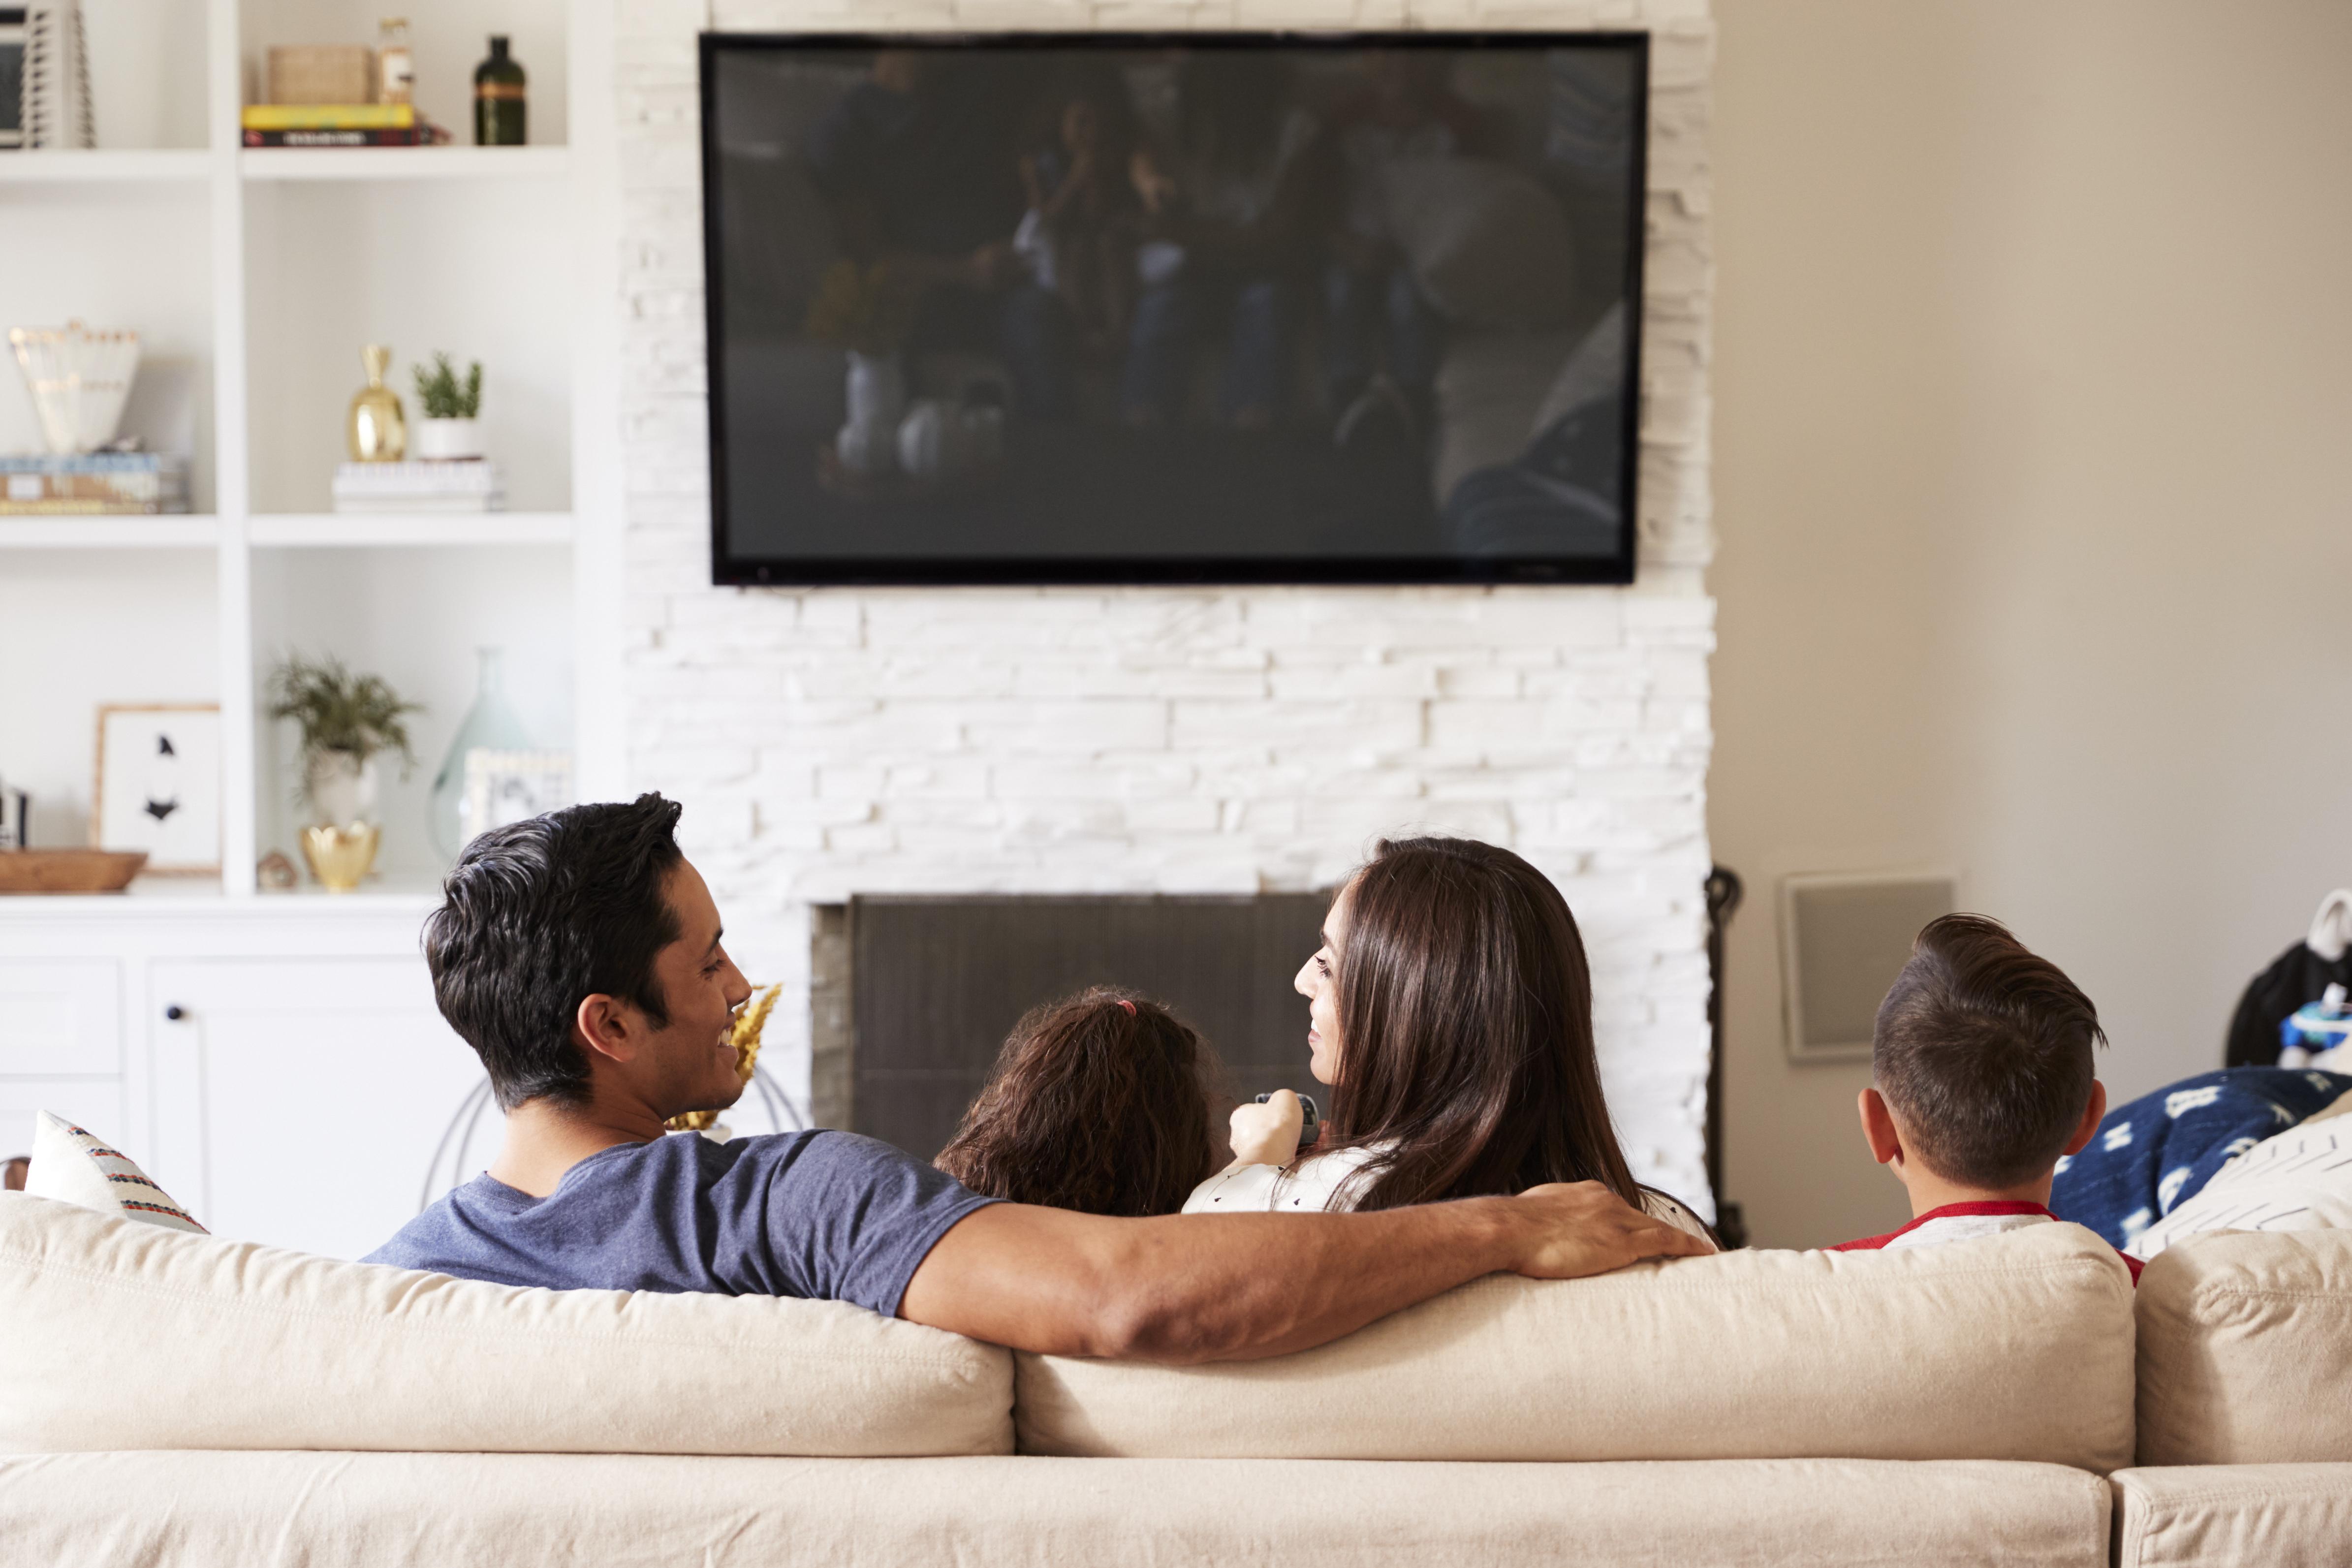 Enjoying-tv